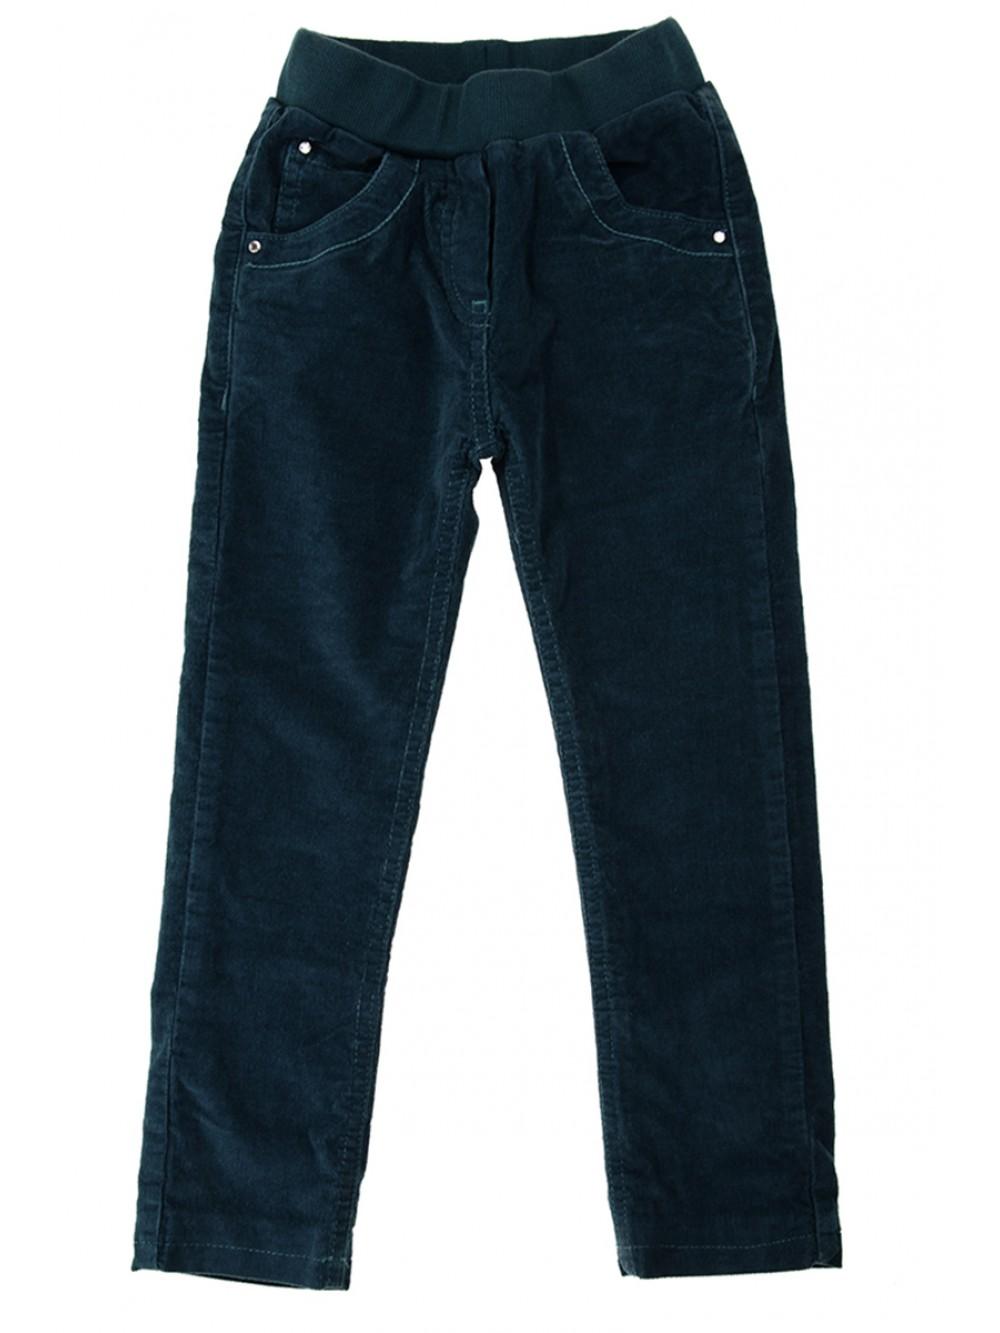 Зимни джинсови панталони с пoдплата